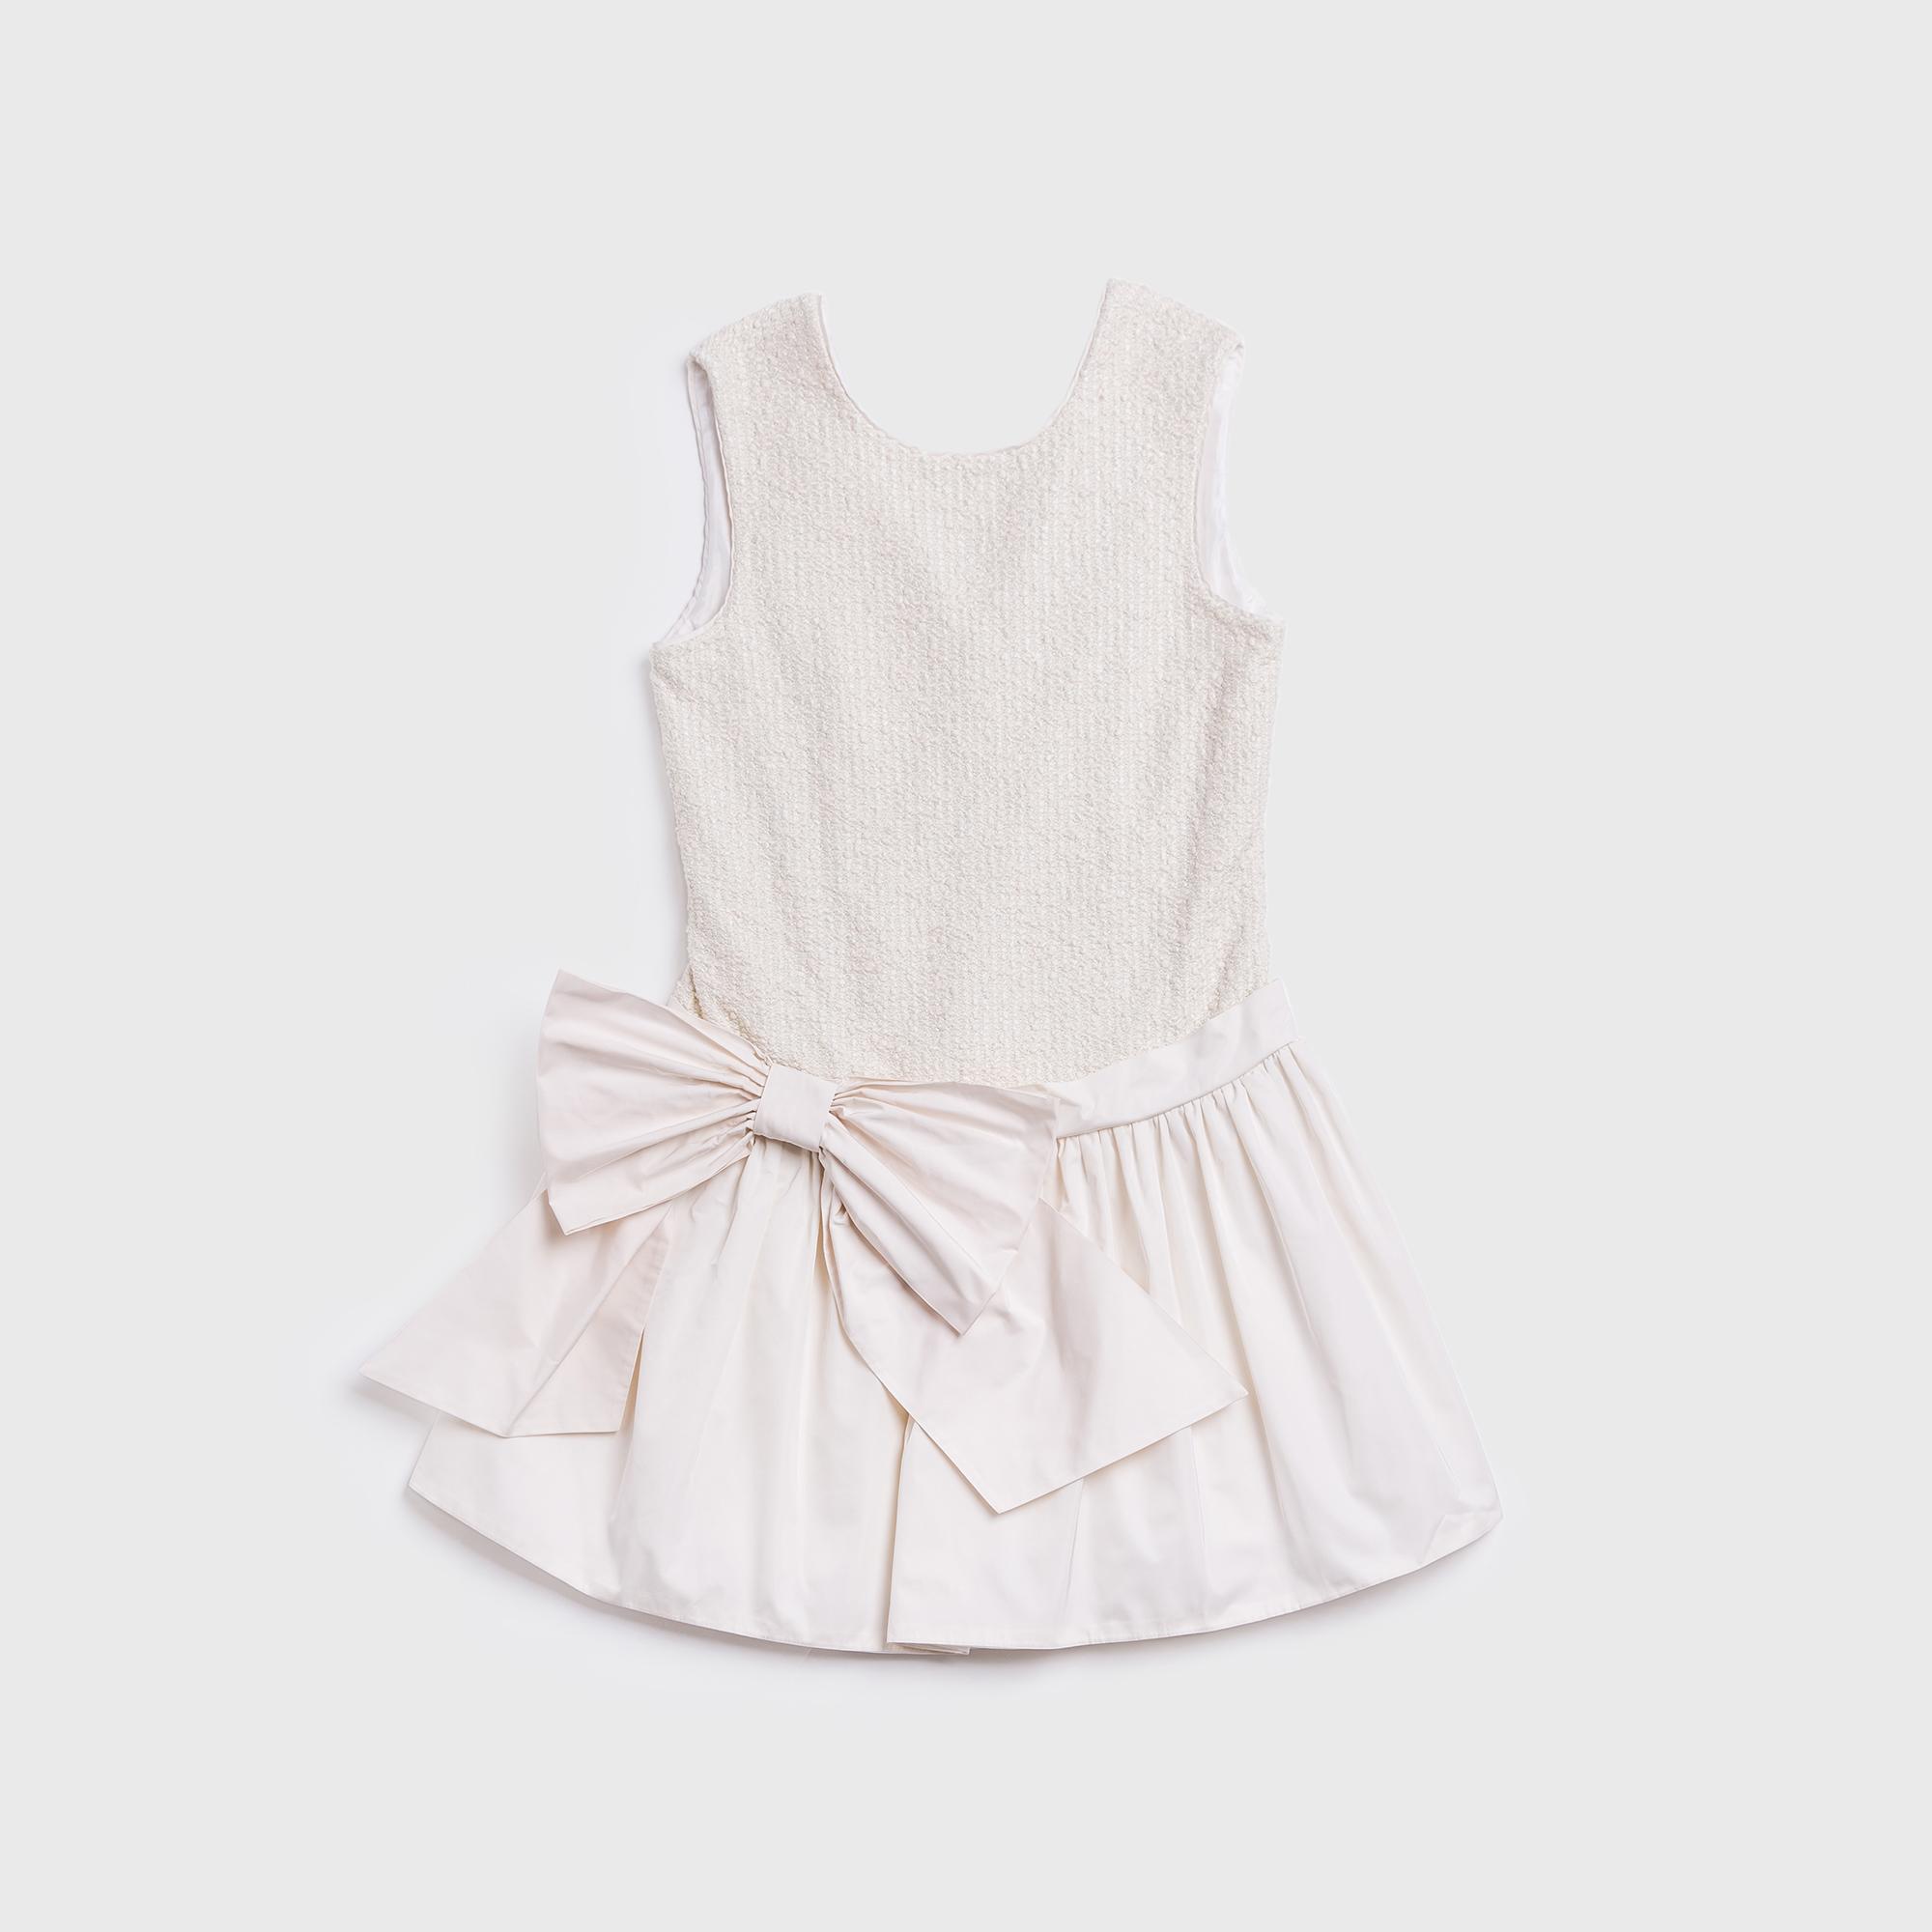 意大利原产 ValMax  公主风 百褶连衣裙 白色 L-8岁